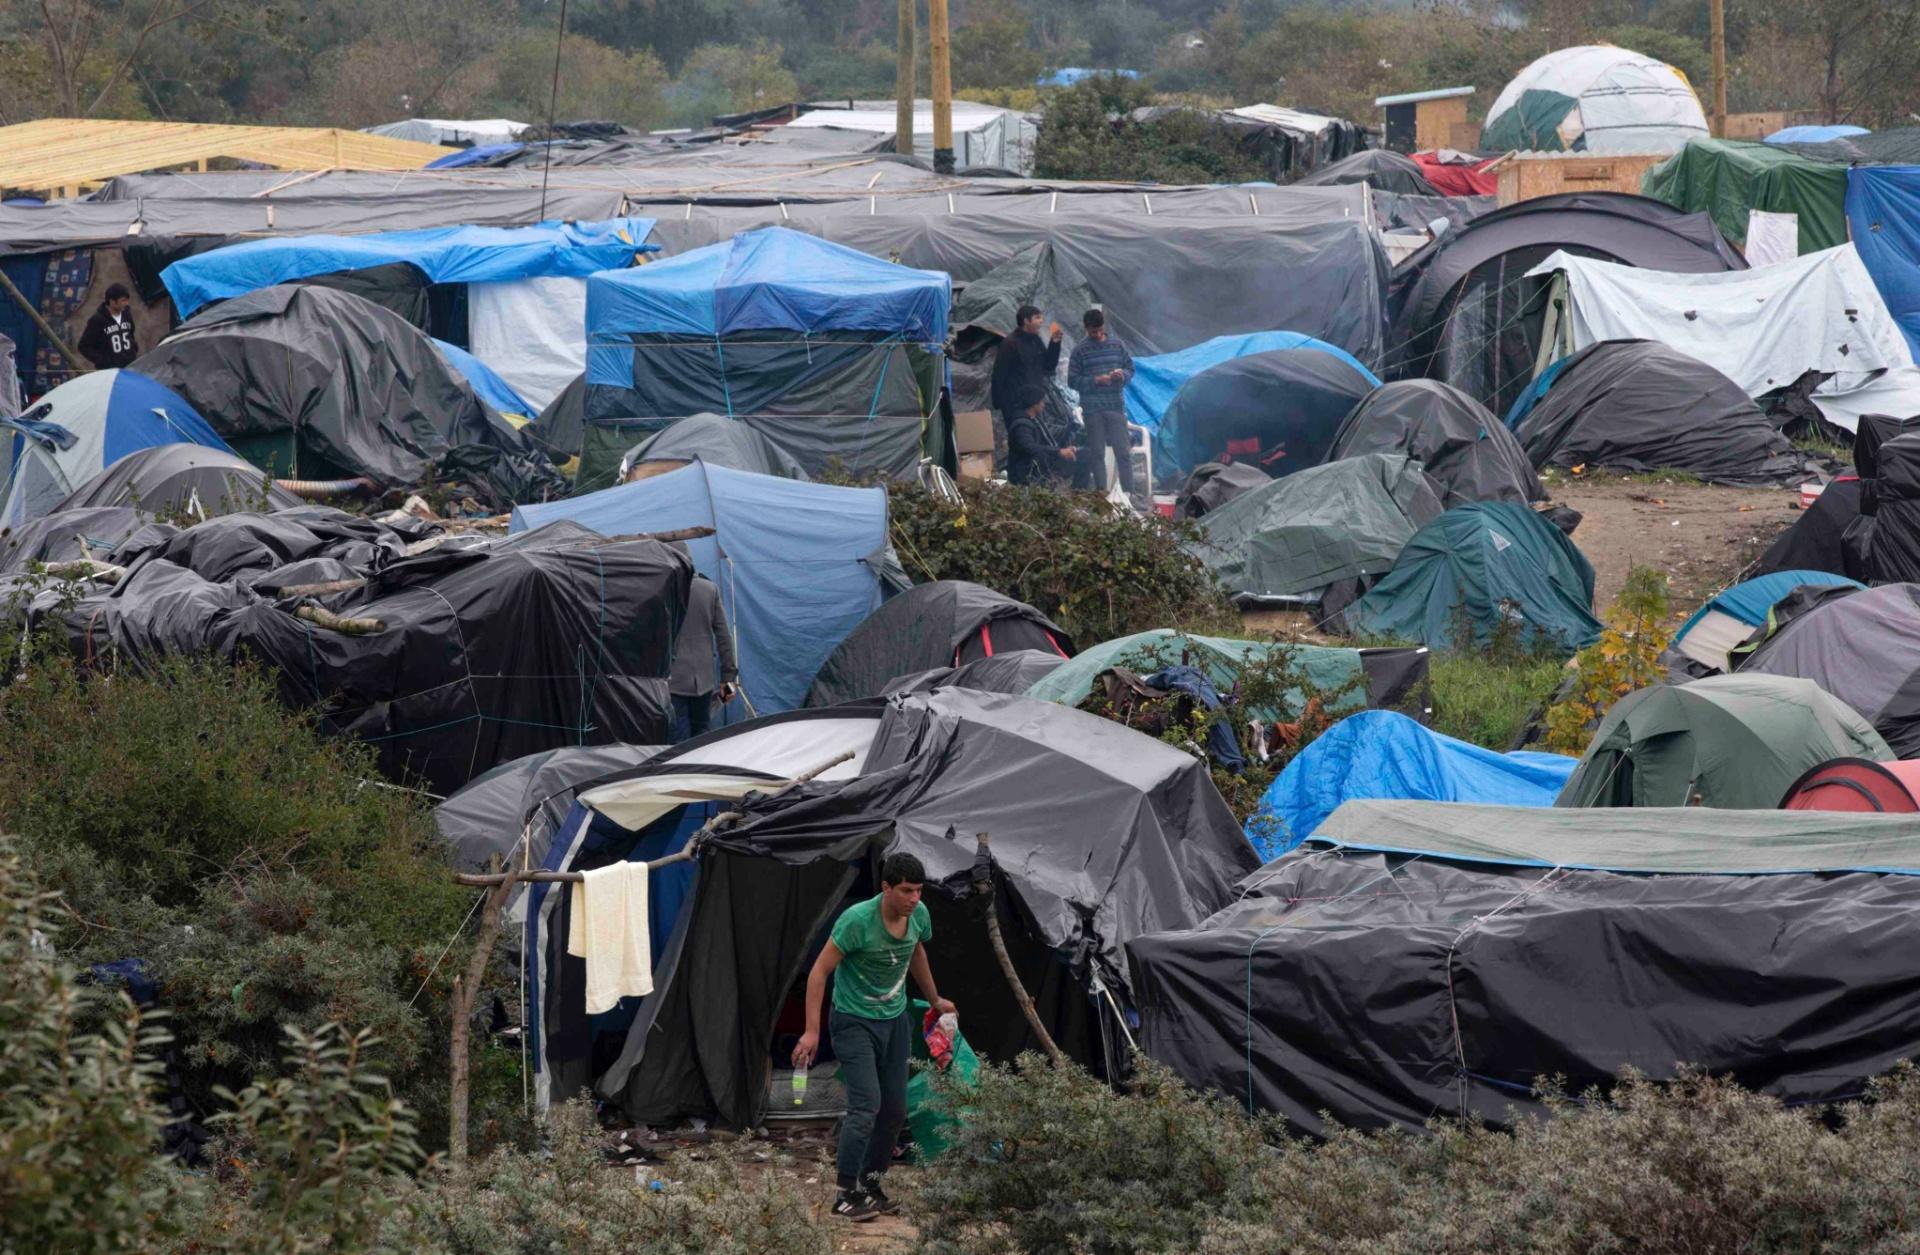 15.out.2015 - Imigrantes ocupam terreno em Calais, na França, e criam favela batizada como